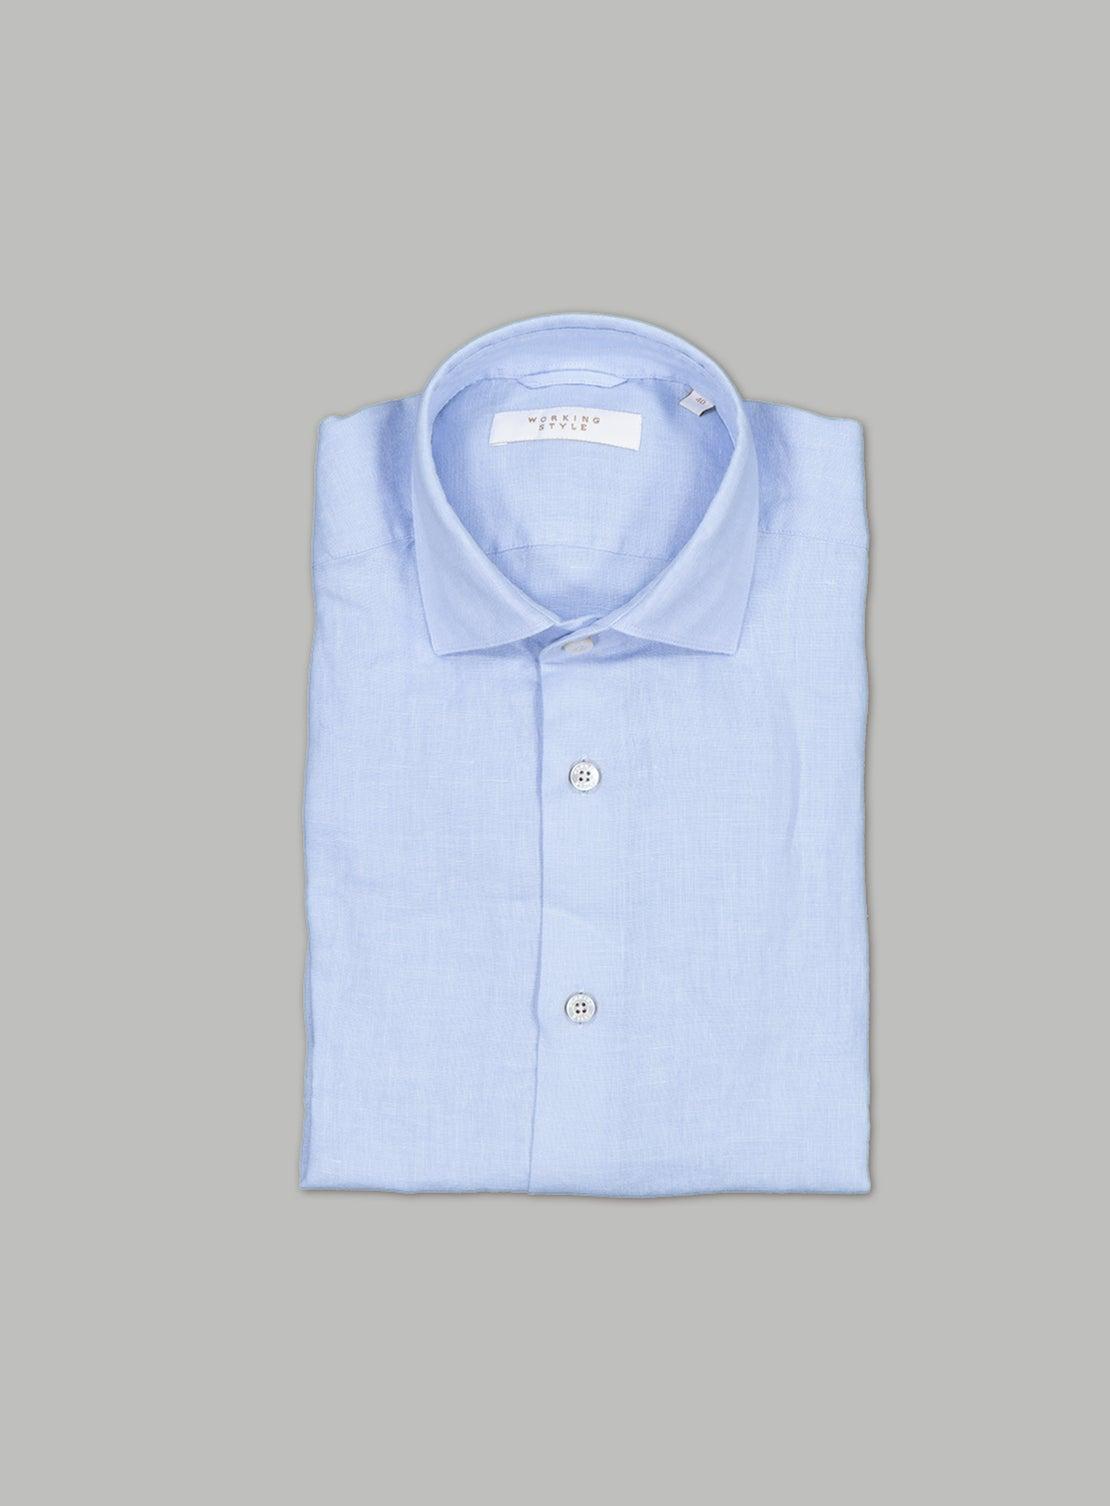 Pale Blue Linen Shirt